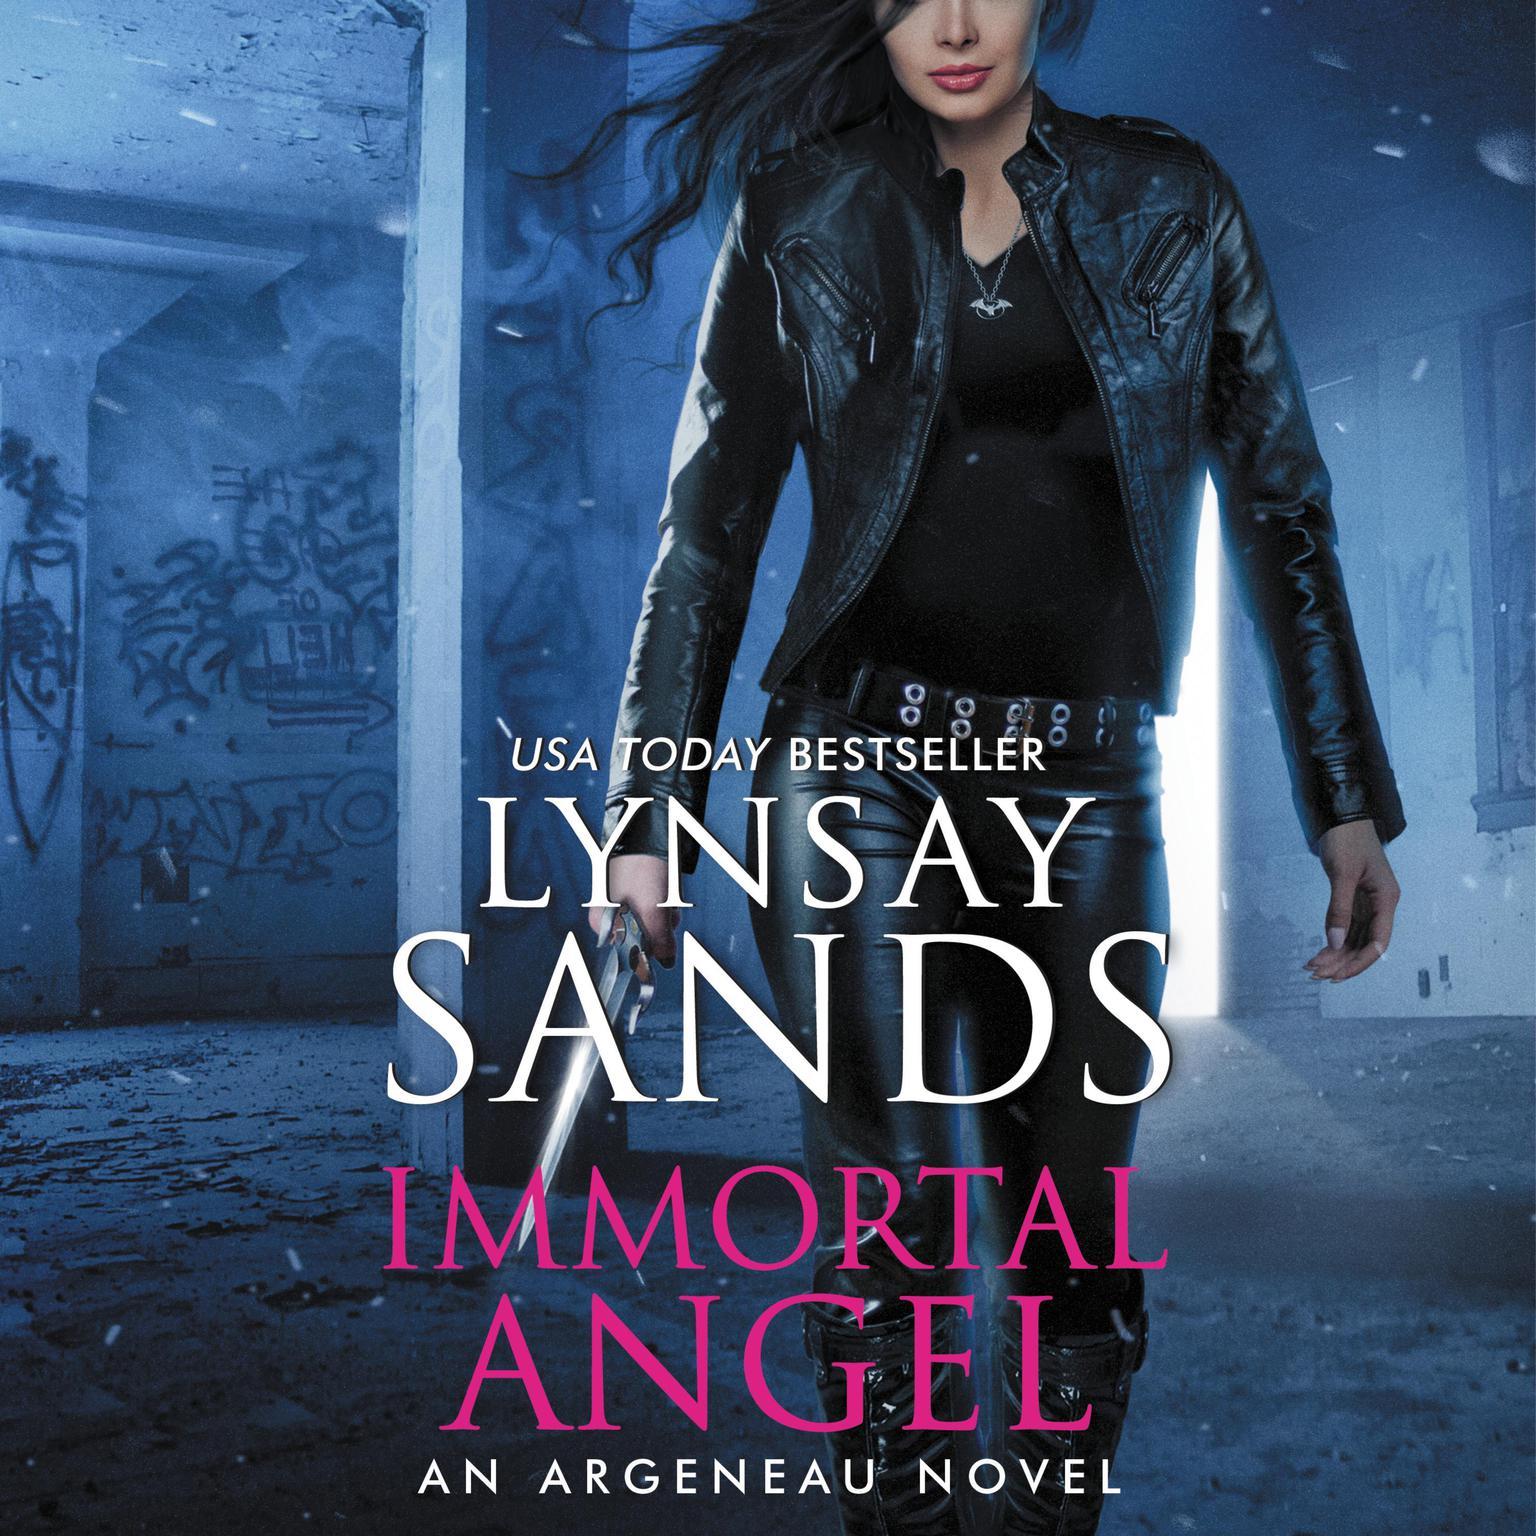 Immortal Angel: An Argeneau Novel Audiobook, by Lynsay Sands